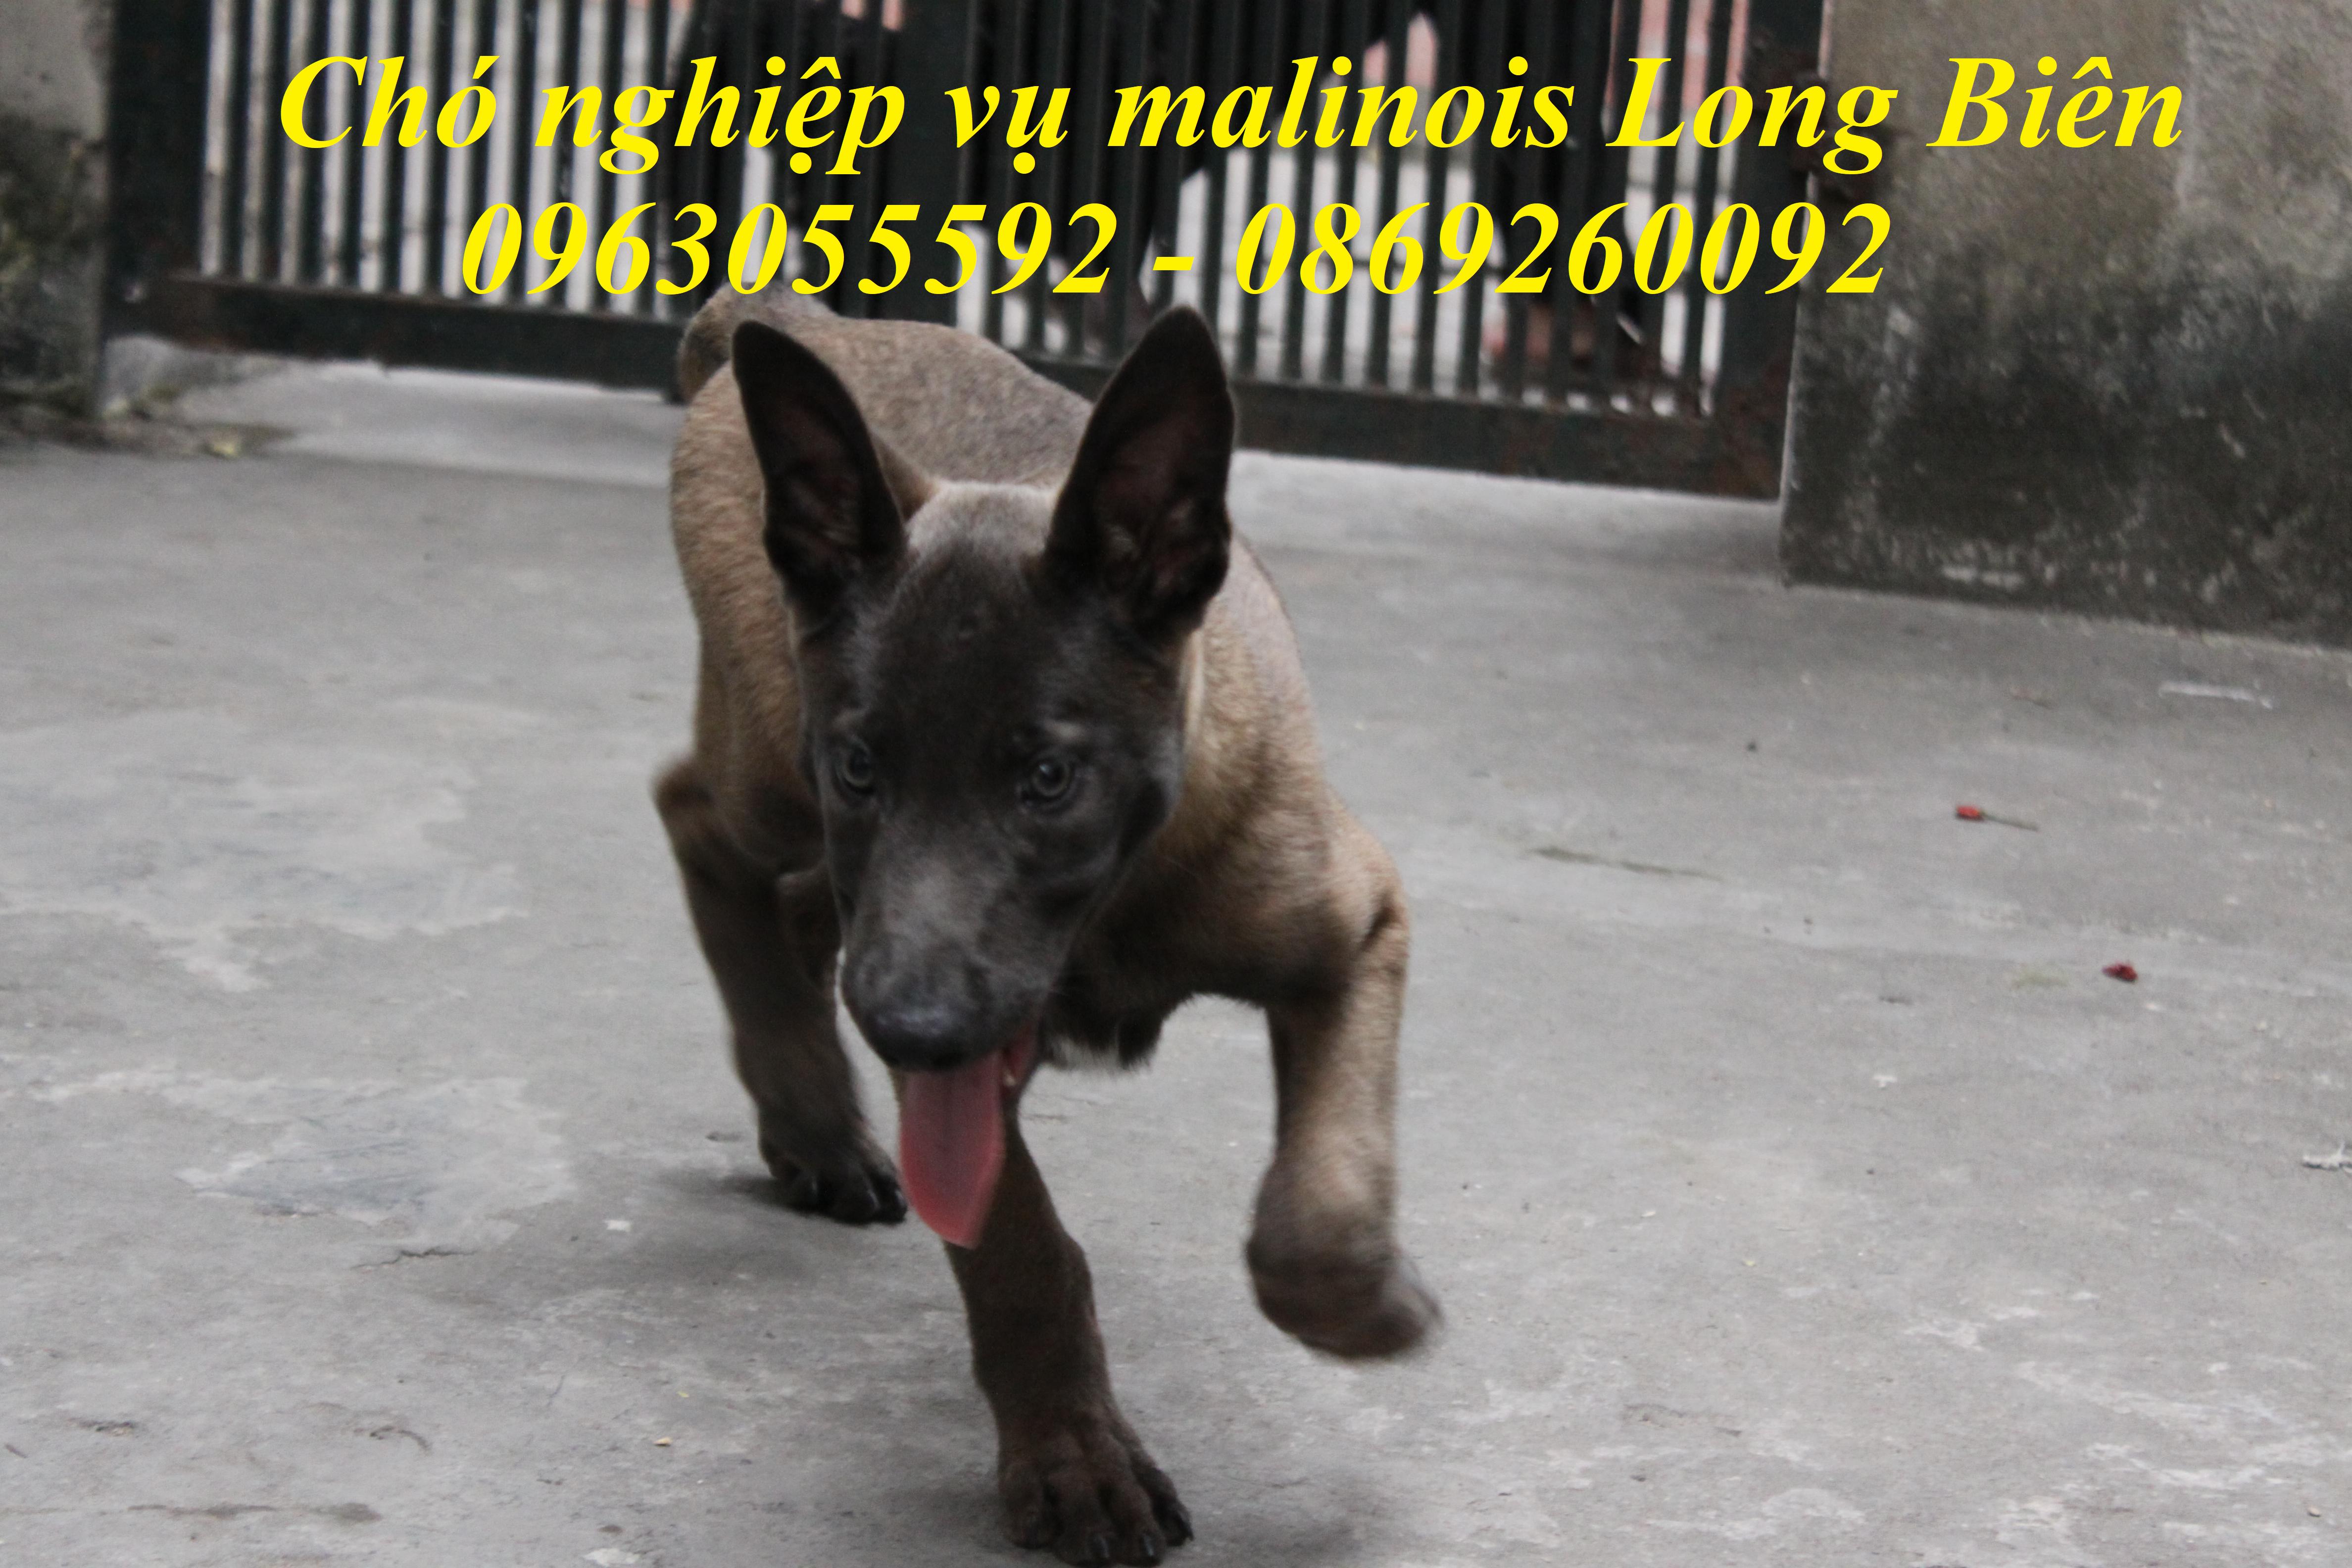 Chó becgie Bỉ malinois 2 tháng tuổi nặng 6-8kg tại trại chó nghiệp vụ malinois Long Biên